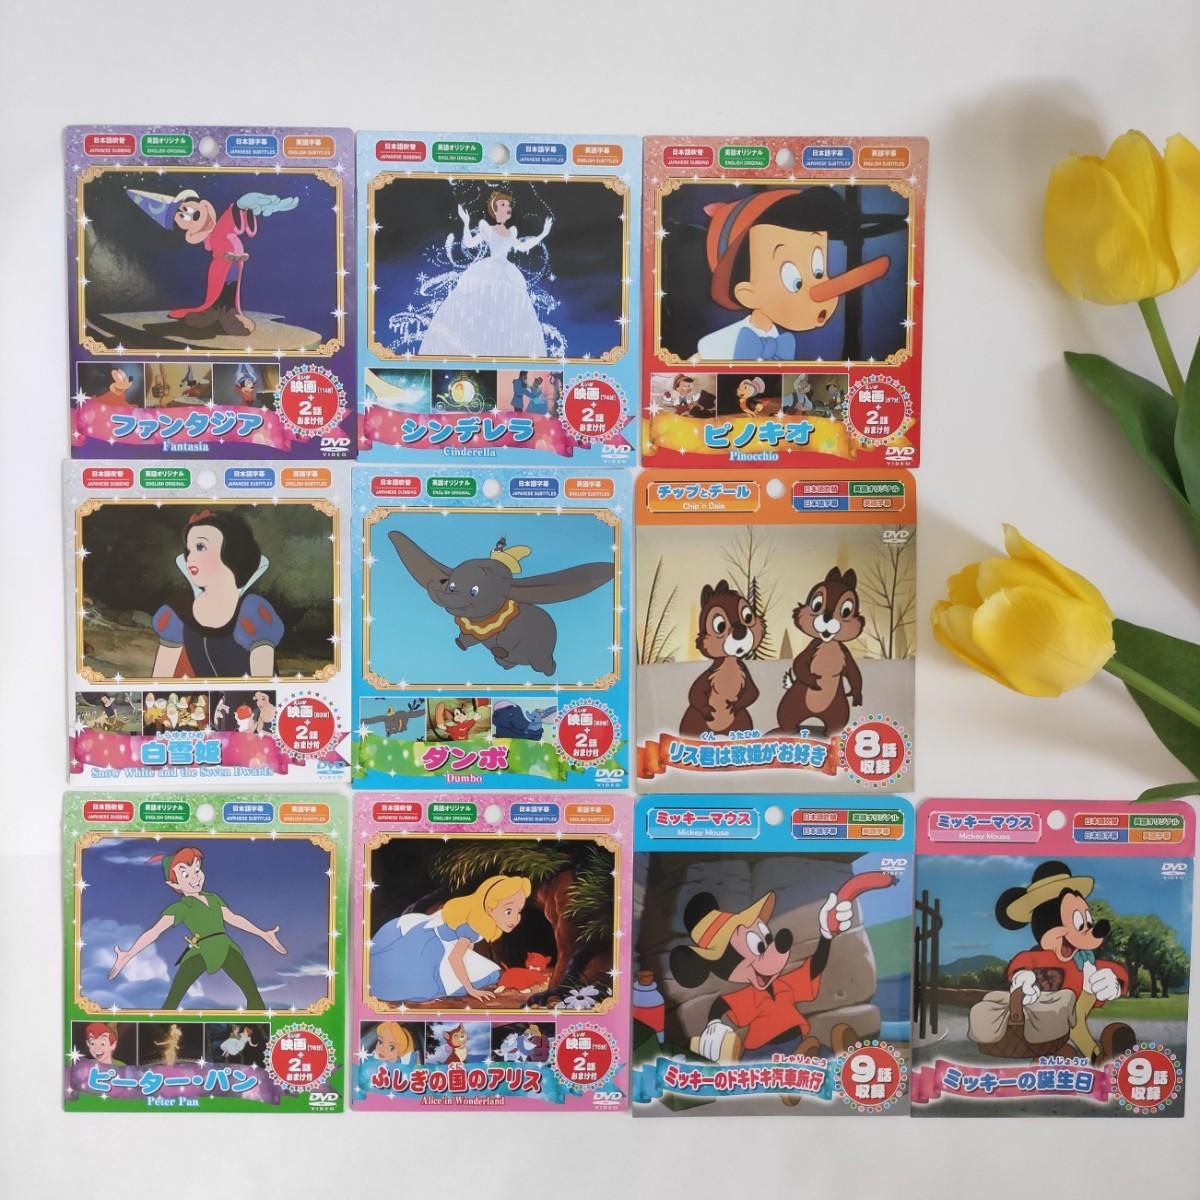 ディズニーアニメDVD 10枚セット☆知育 送料無料 アニメ dvd Disney anime 映画 ディズニー